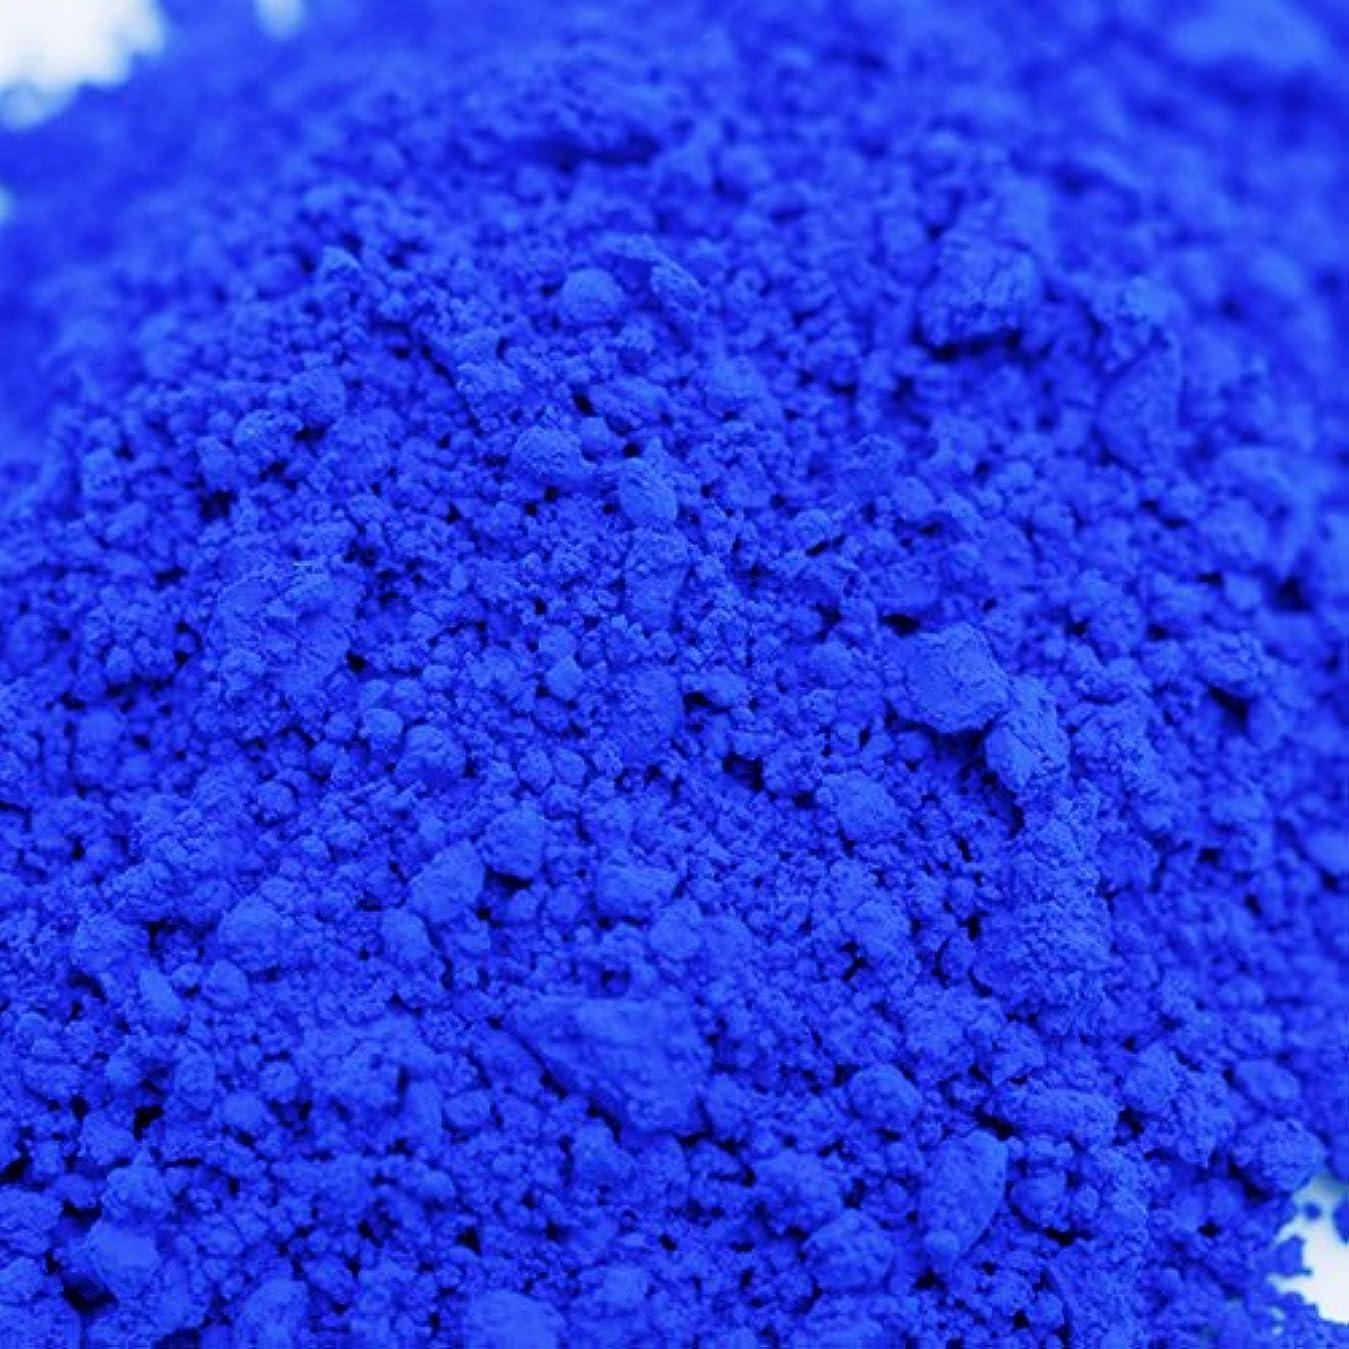 固める座標みなさんウルトラマリン ブルー 20g 【手作り石鹸/手作りコスメ/色付け/カラーラント/青】